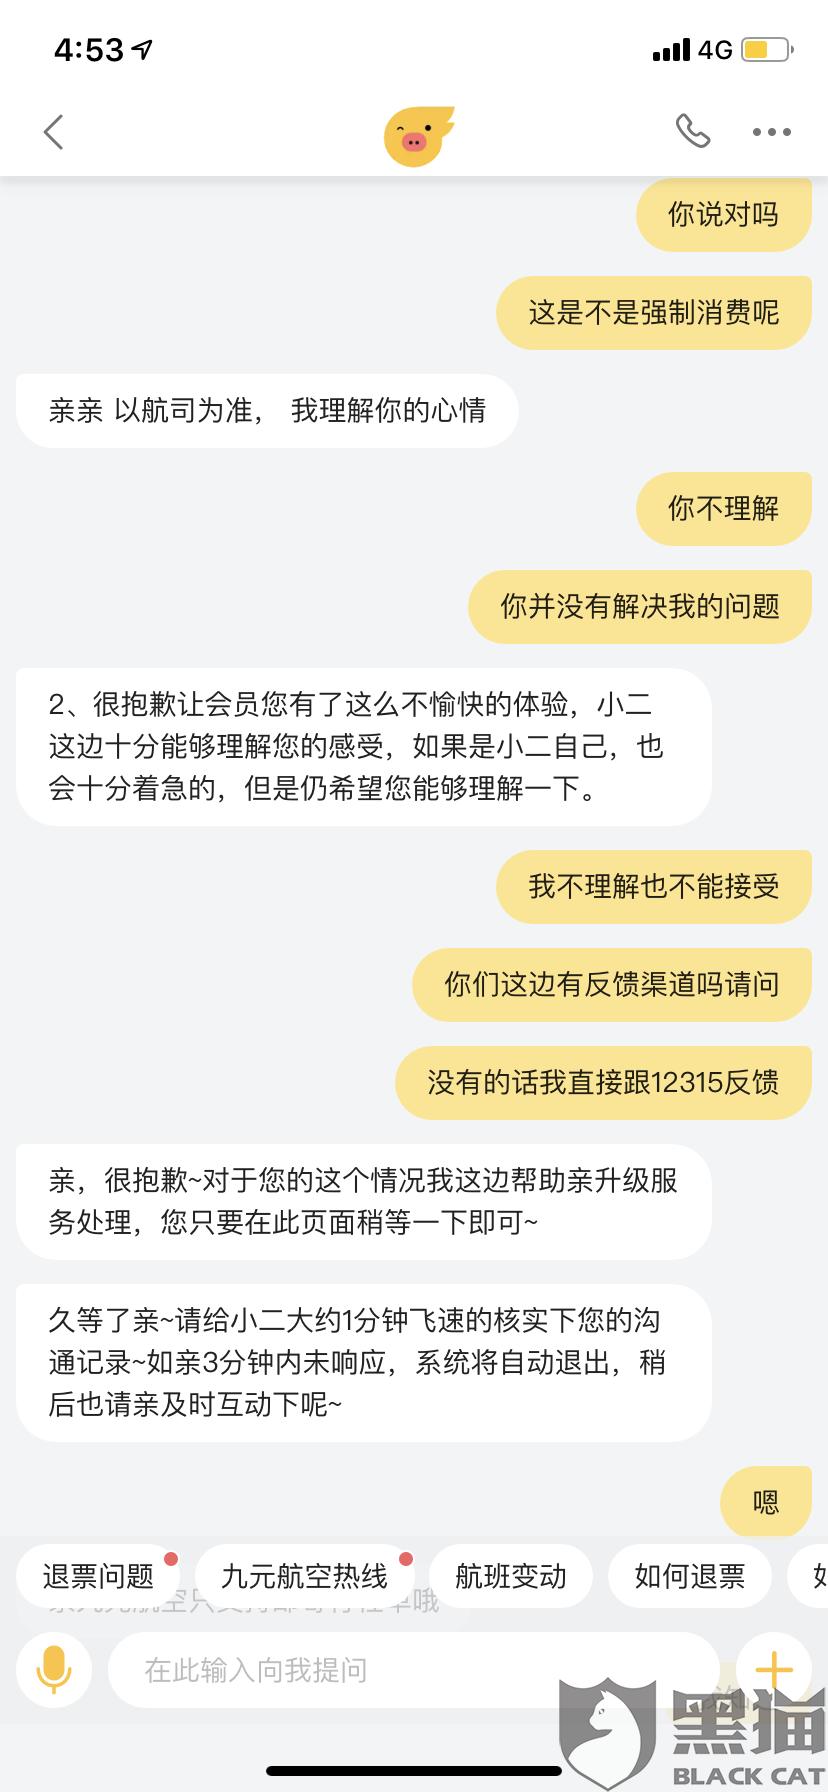 黑猫投诉:九元航空不提供电子发票